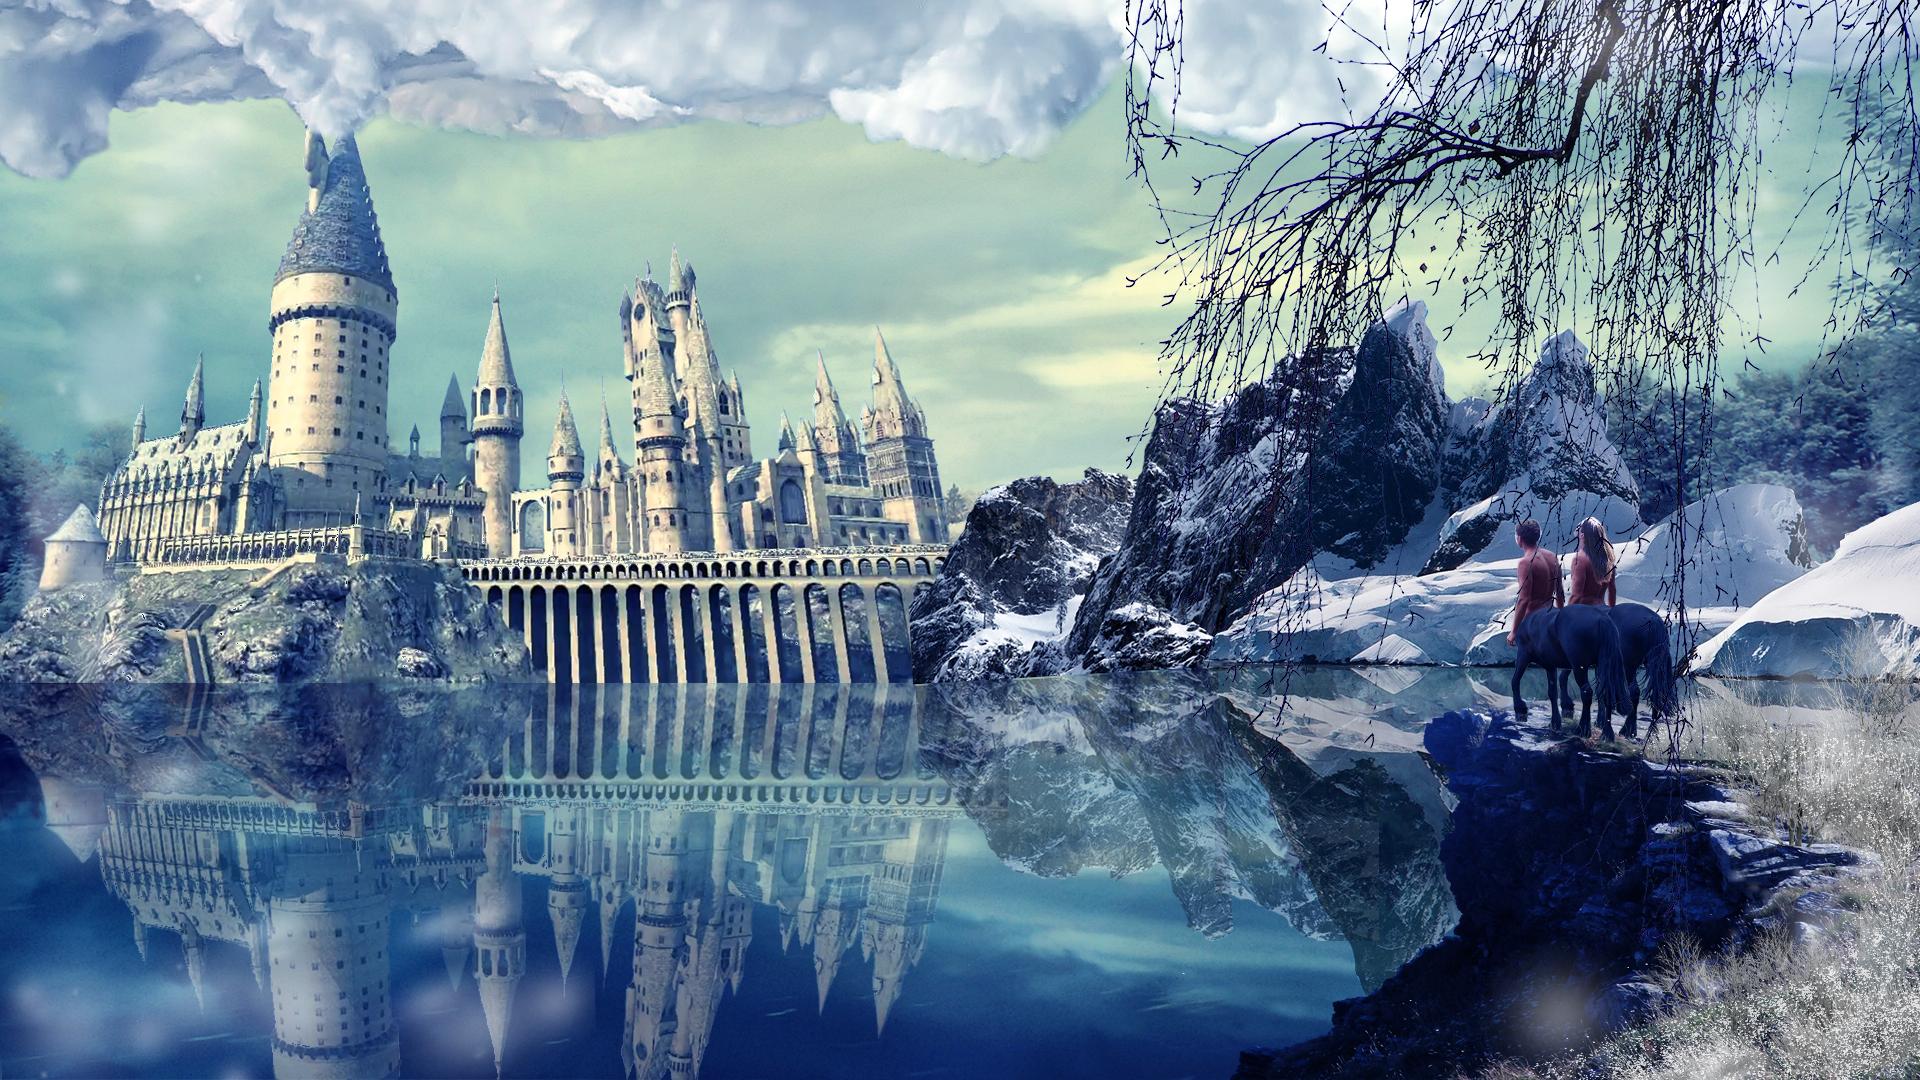 hogwarts desktop wallpaper wallpapersafari